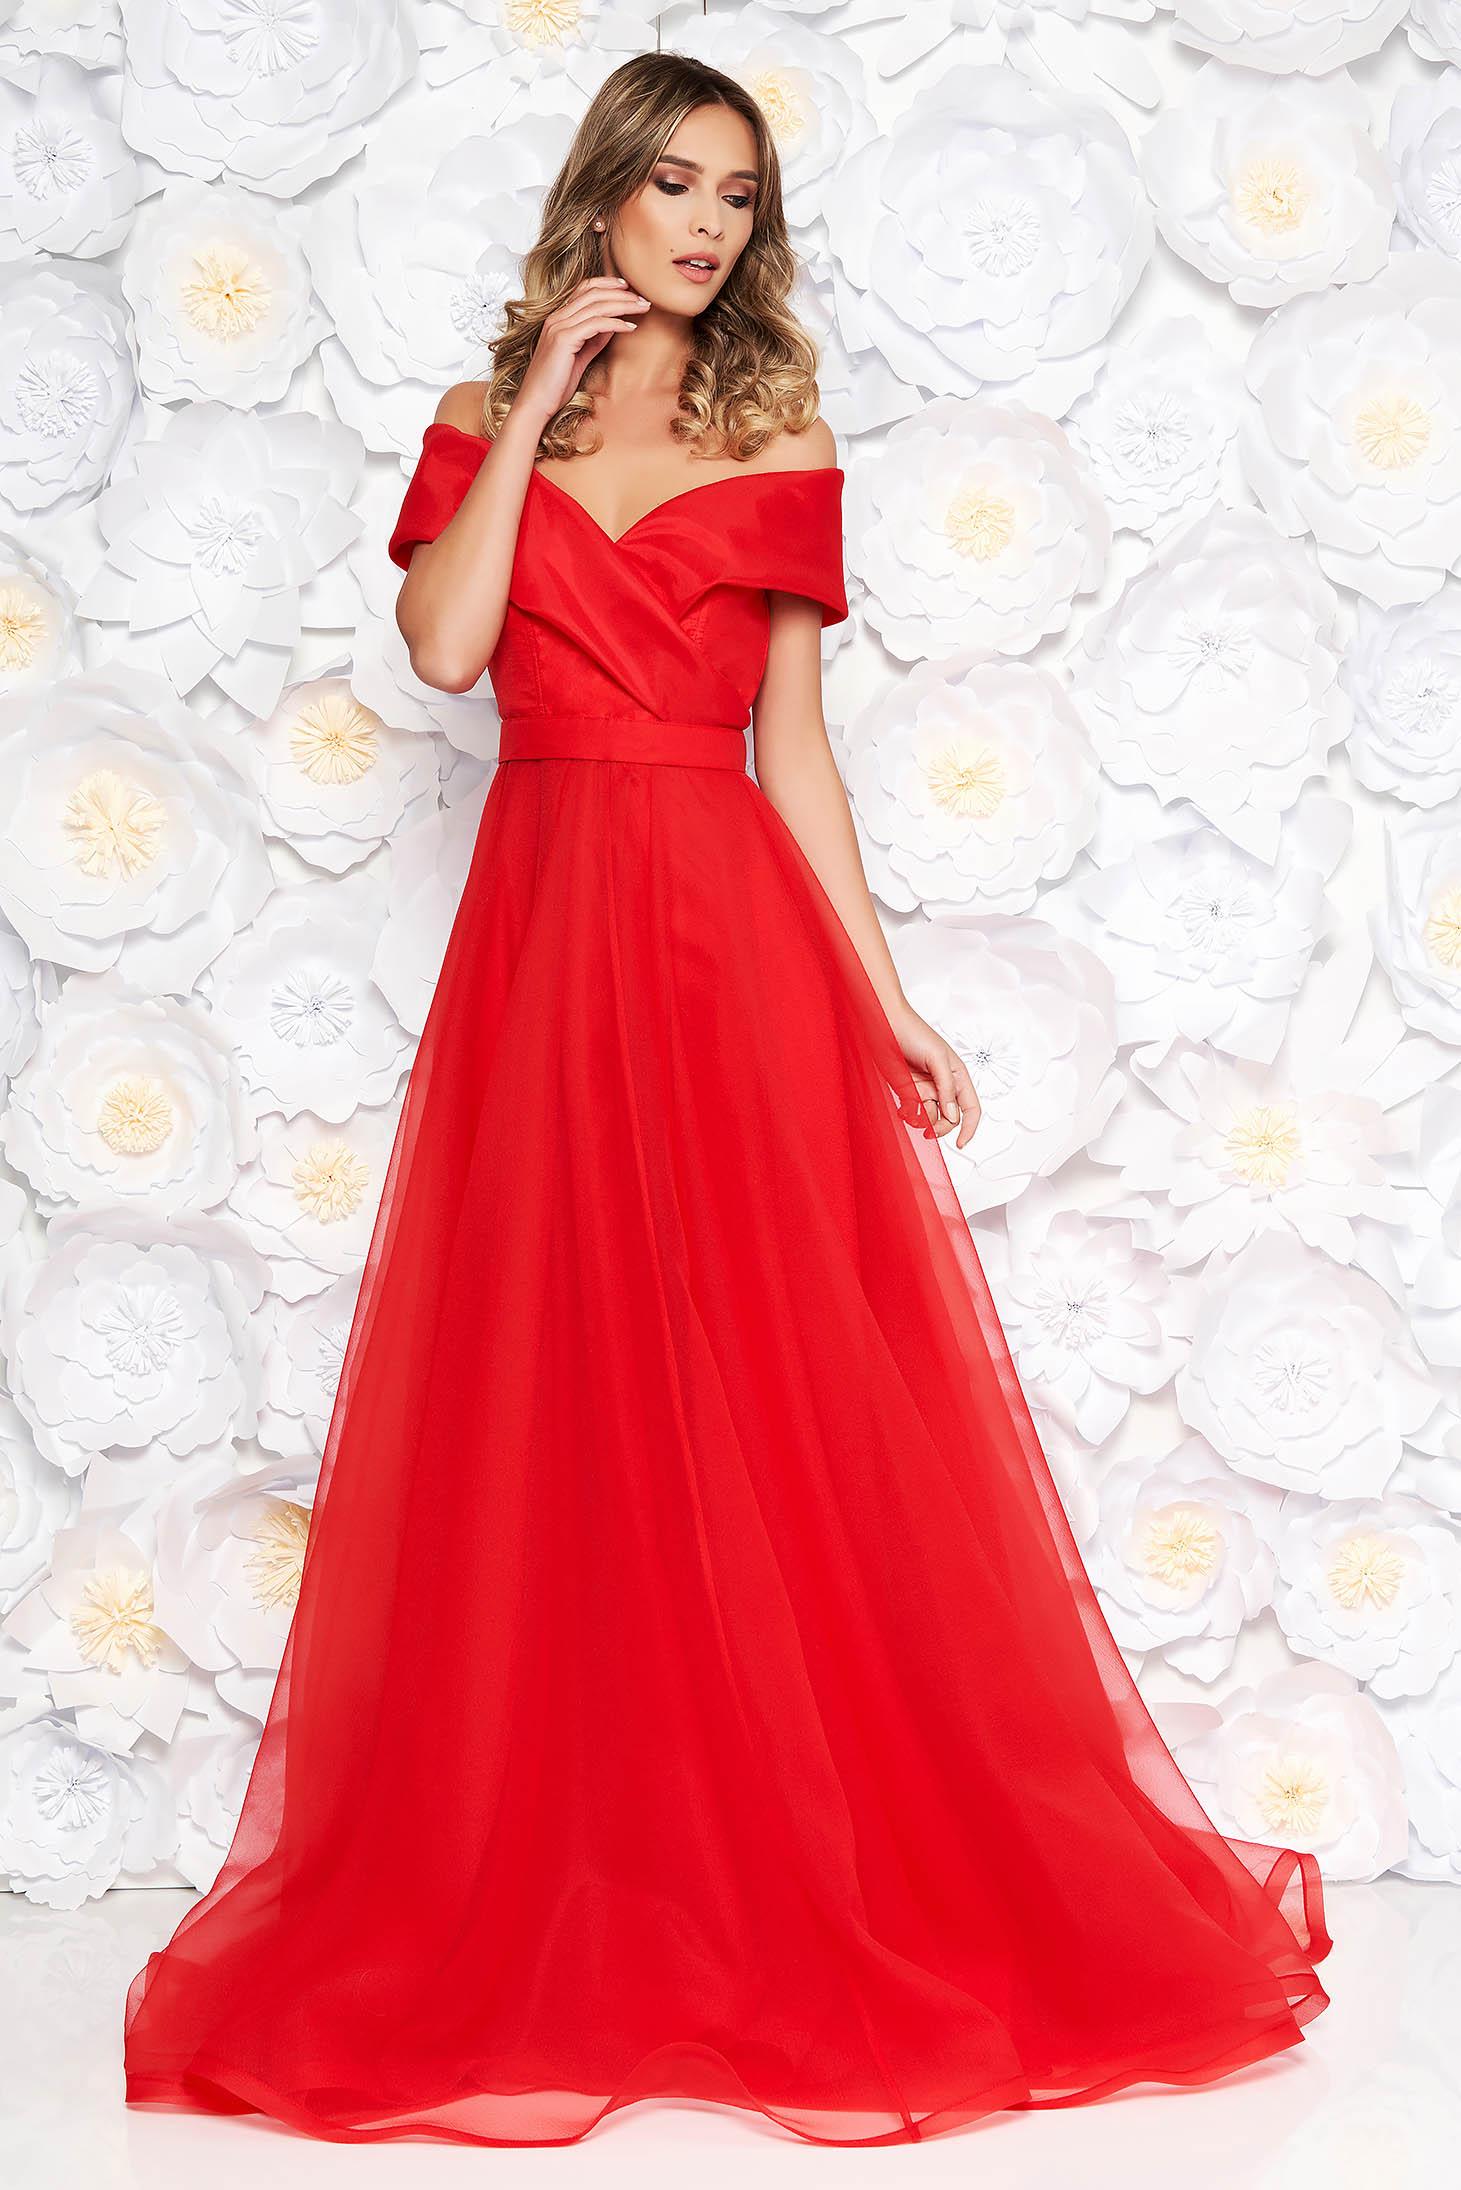 de4a1c7326 Piros Ana Radu harang ruha áttetsző anyag belső béléssel övvel ellátva